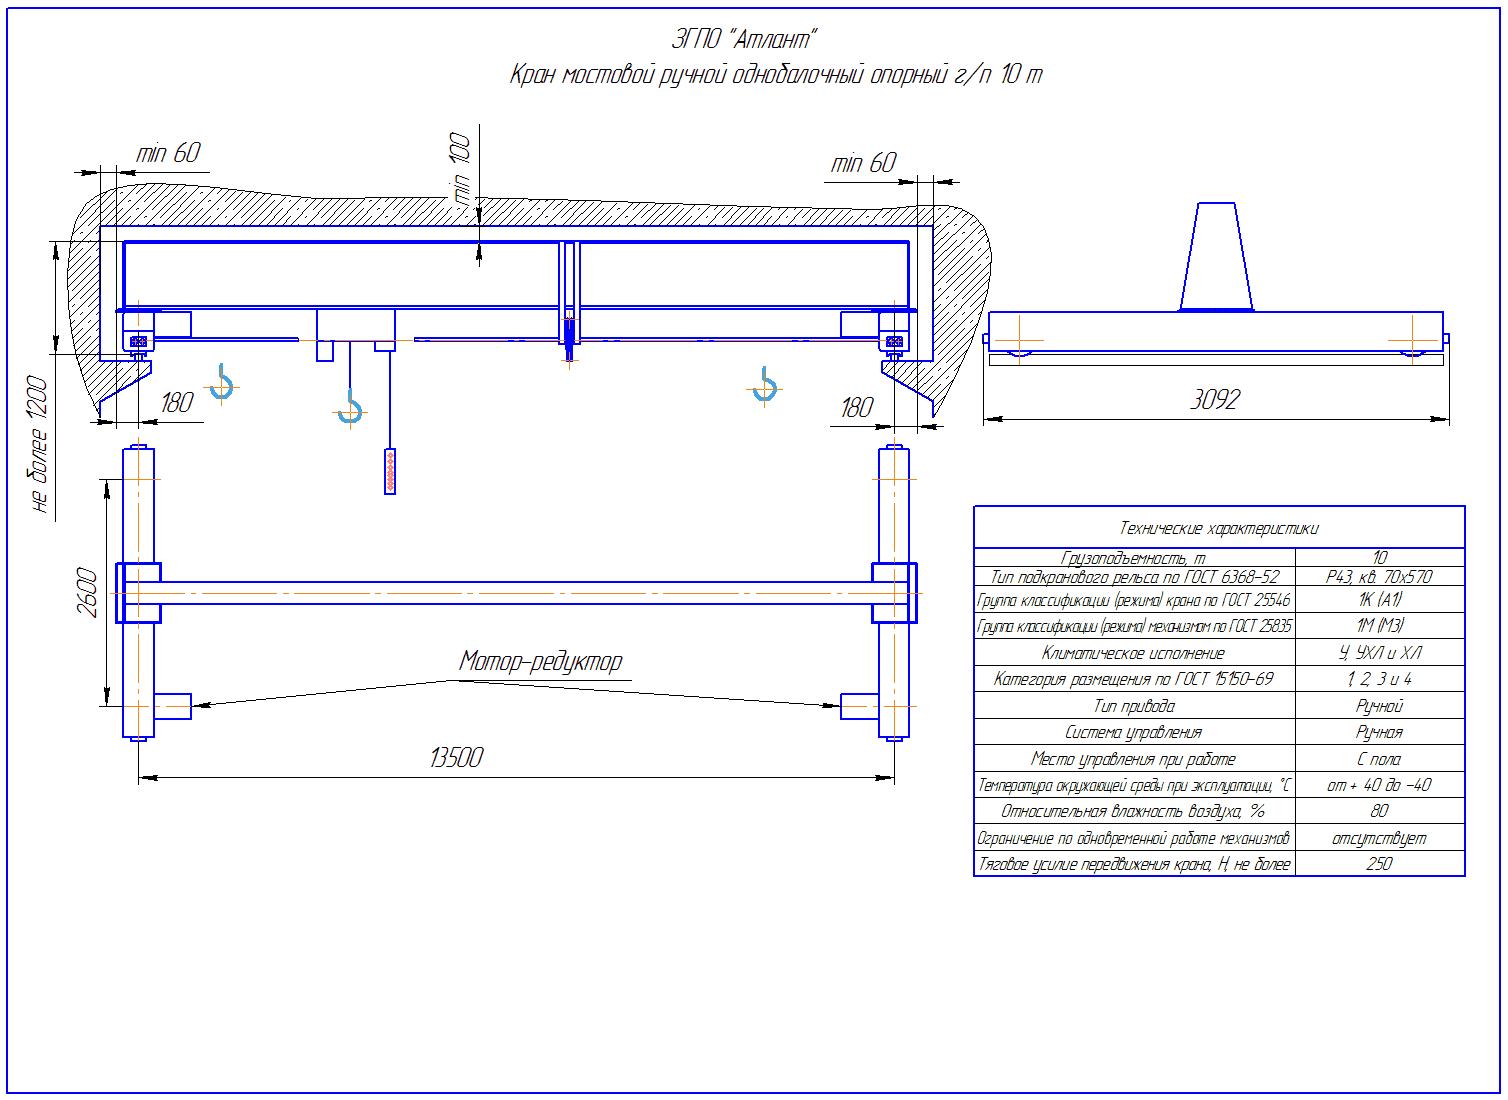 KRMOO 10 135 - Кран ручной мостовой опорный однобалочный